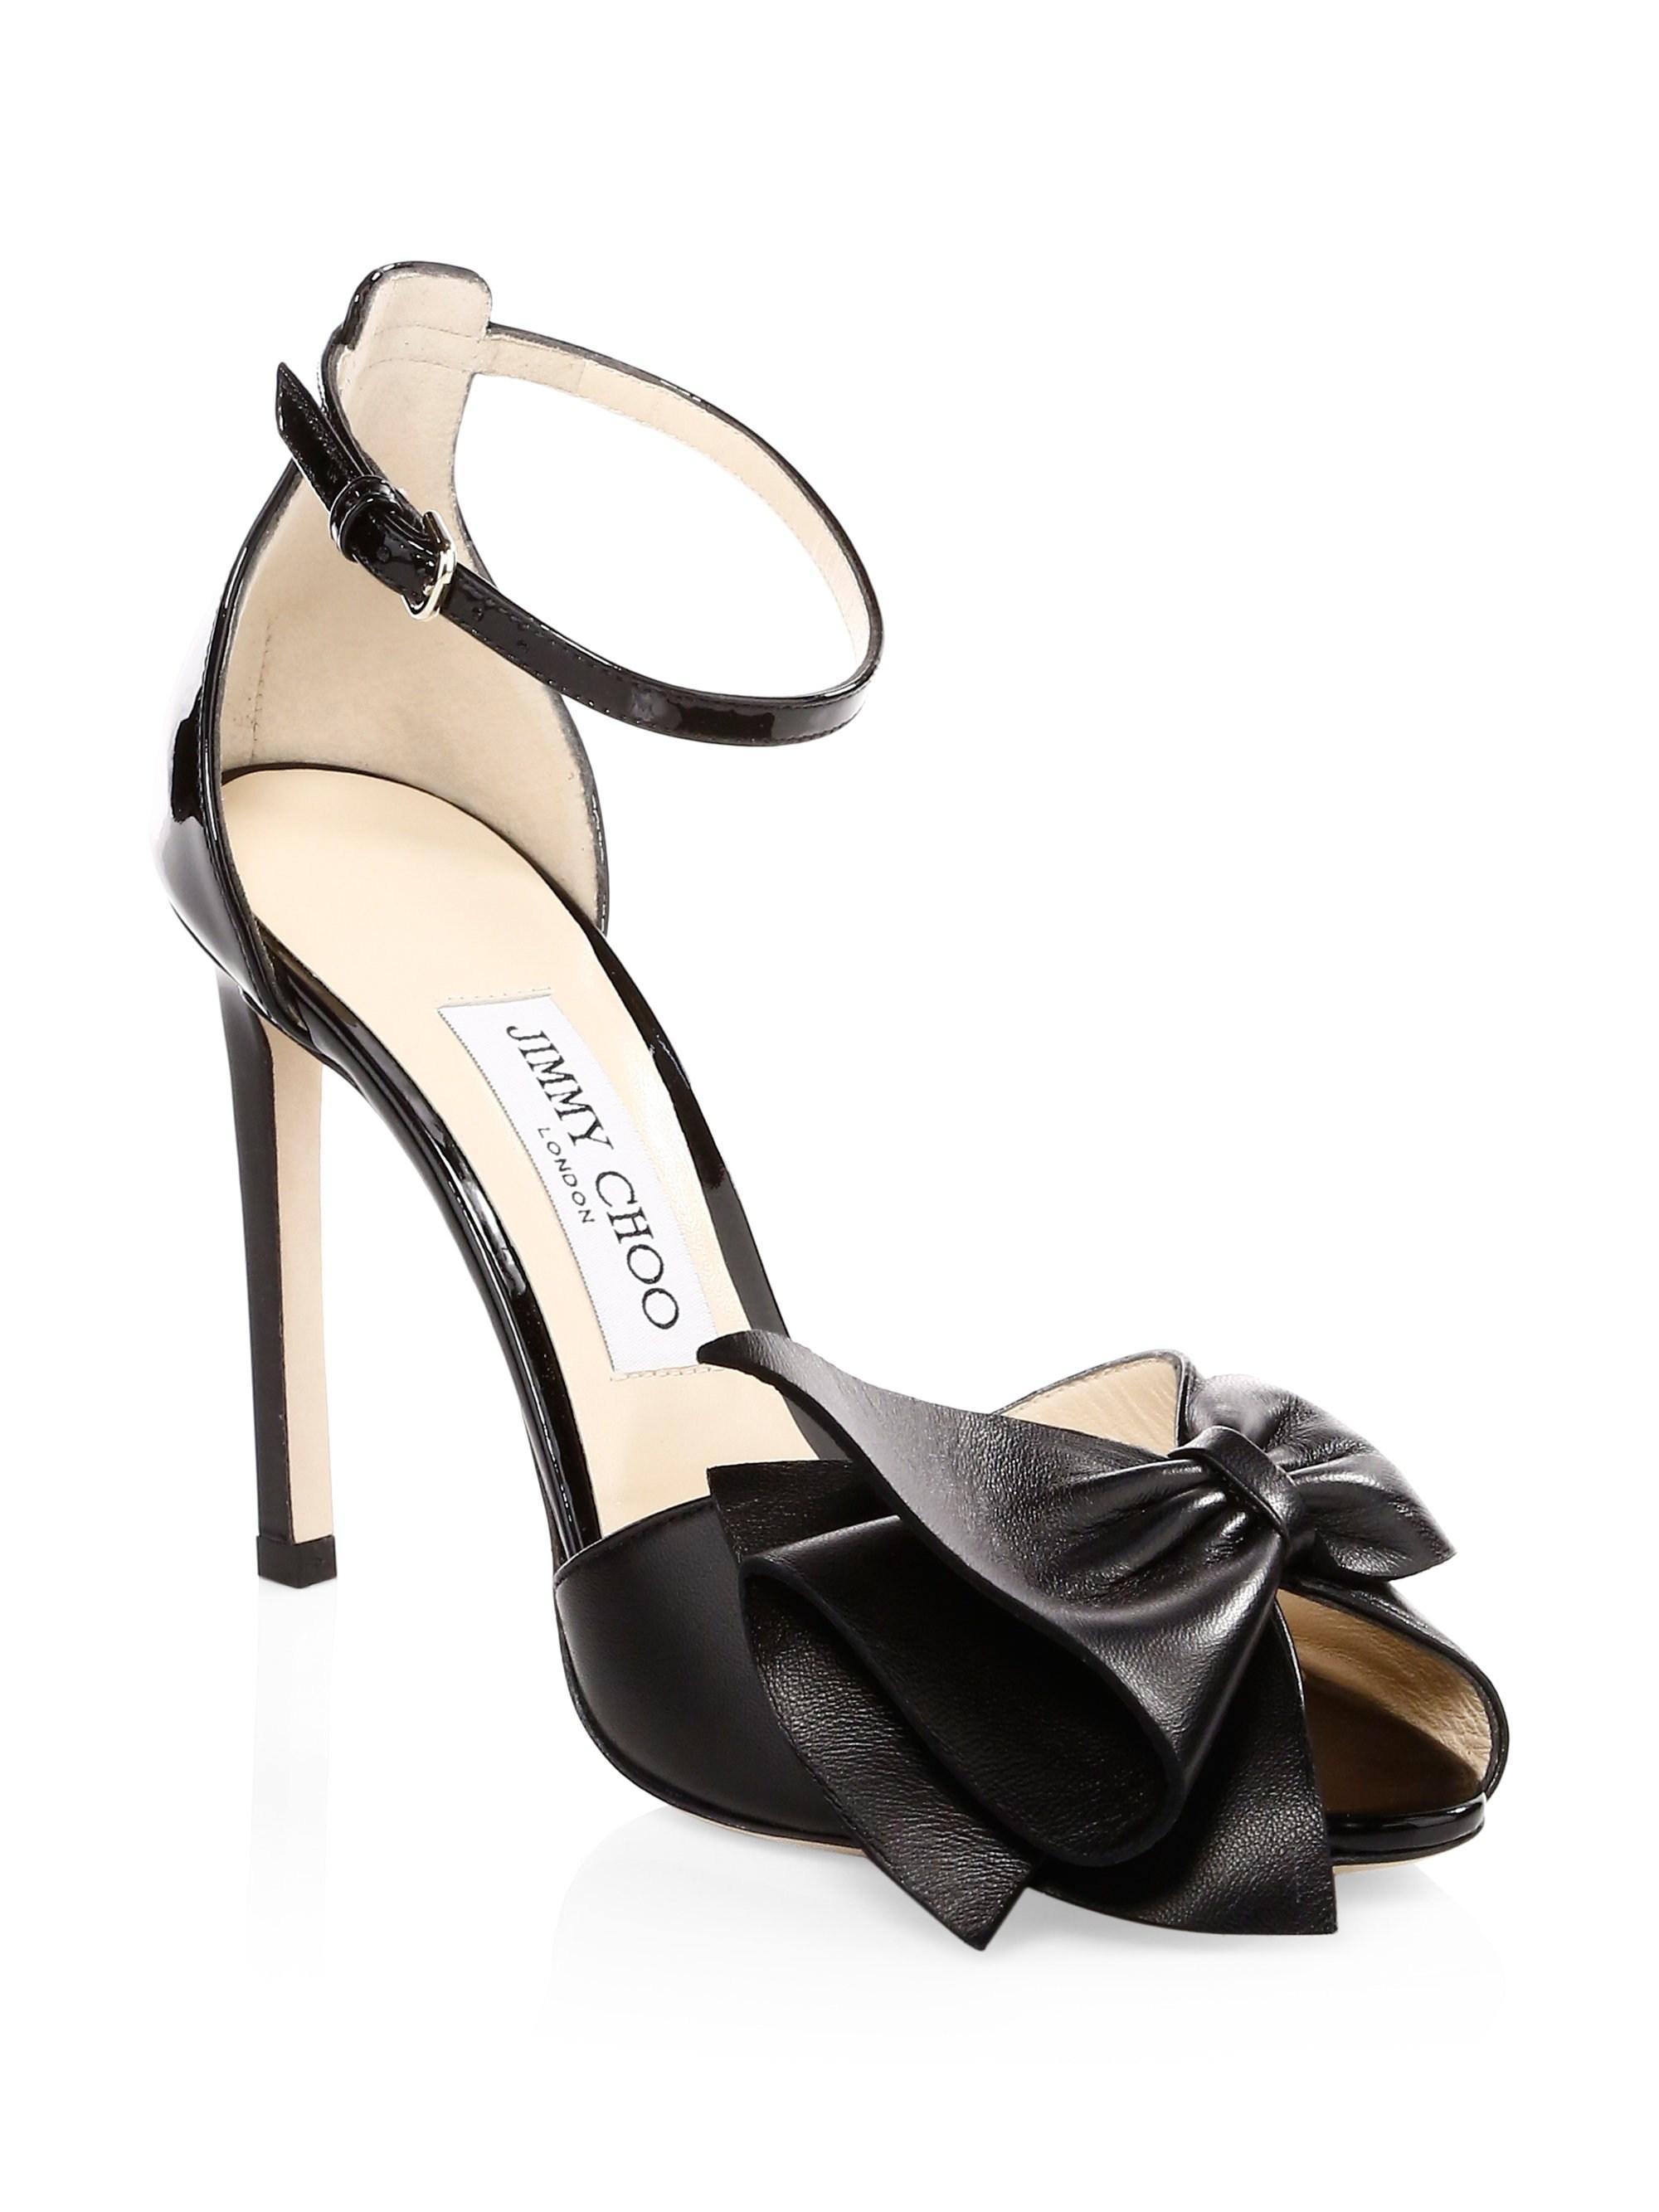 758cf1fdc97 Jimmy Choo Women s Karlotta Peep Toe Heels - Black - Size 37 (7) in ...